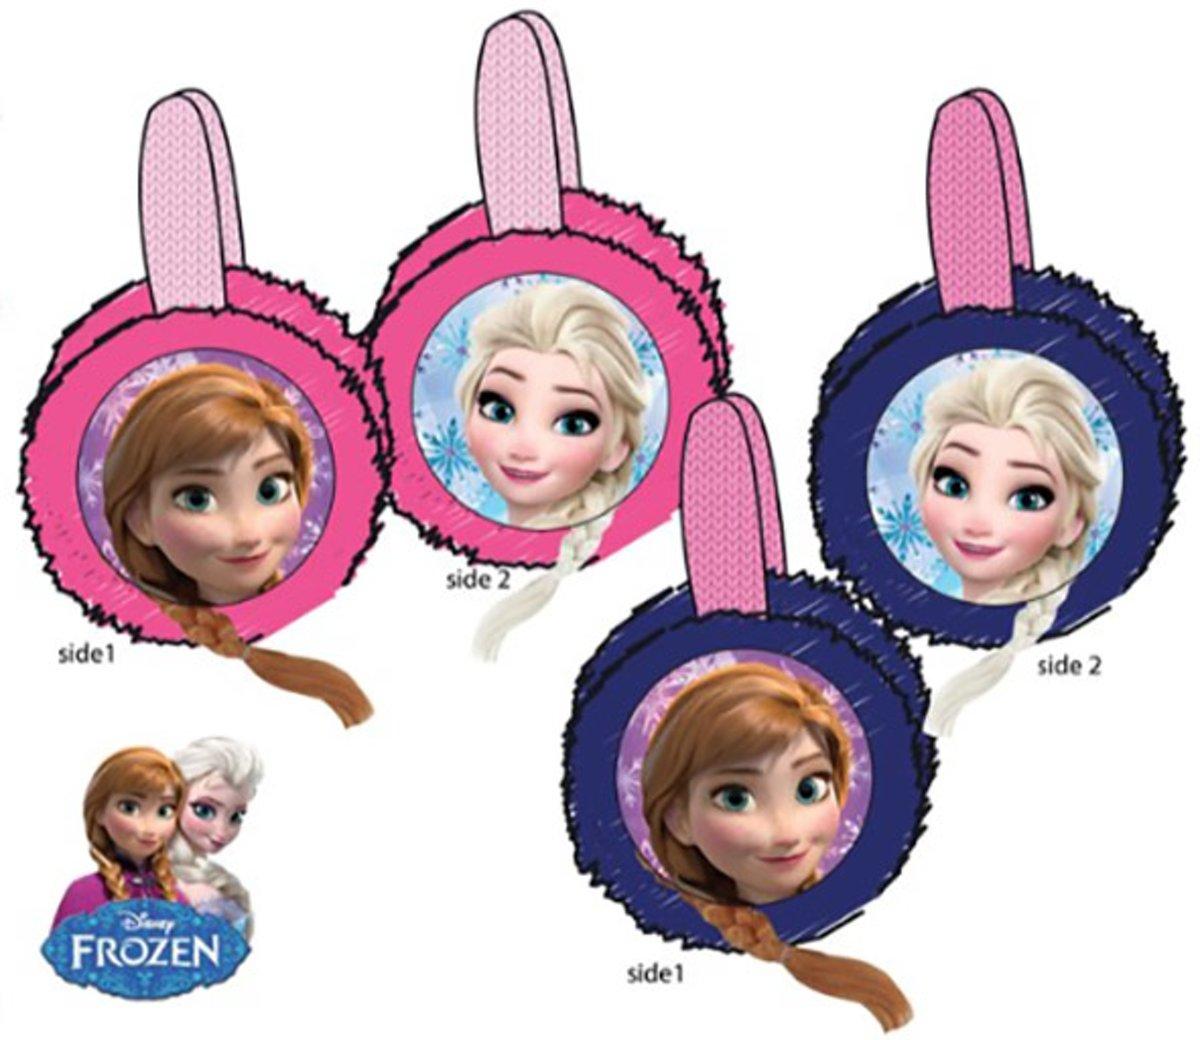 Disney Frozen roze oorwarmers - one size